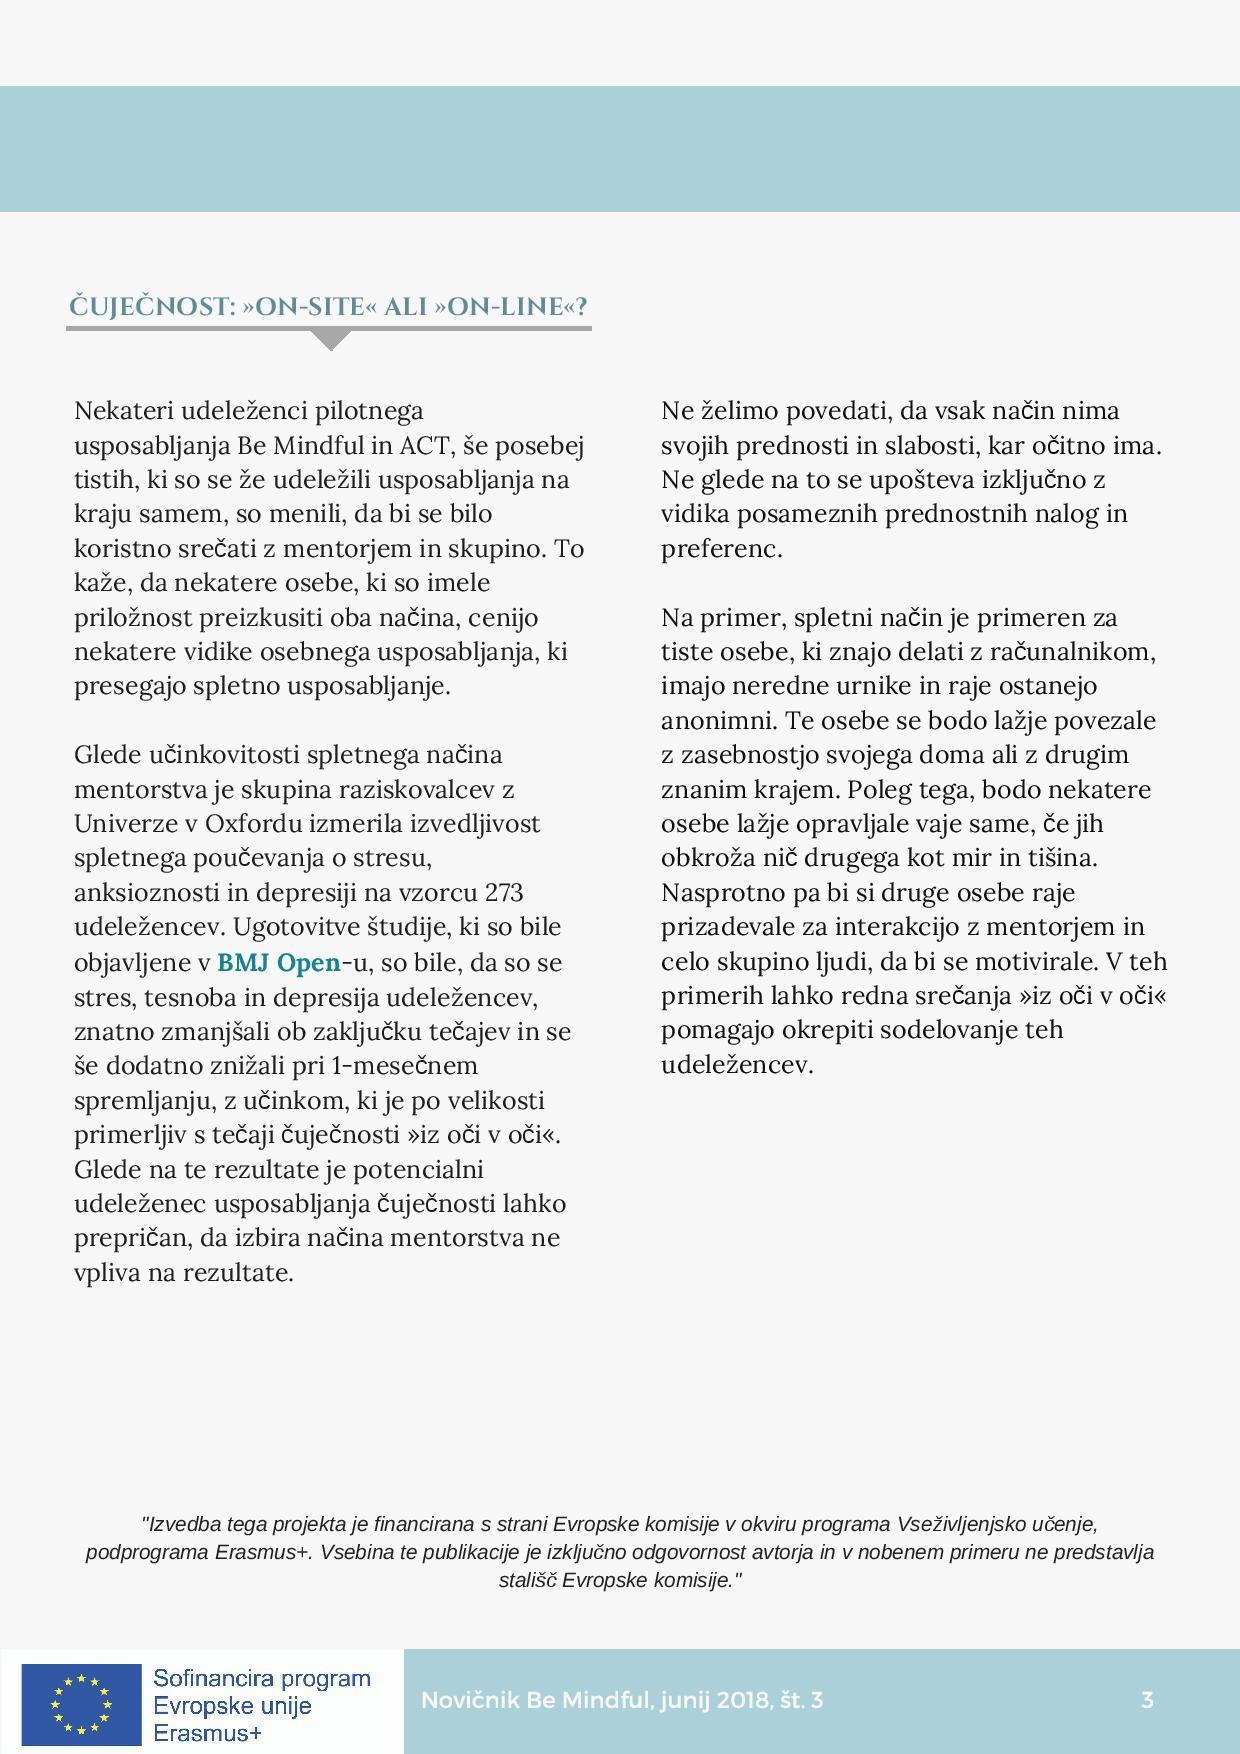 Novičnik_BeMindful_junij 2018-page-003